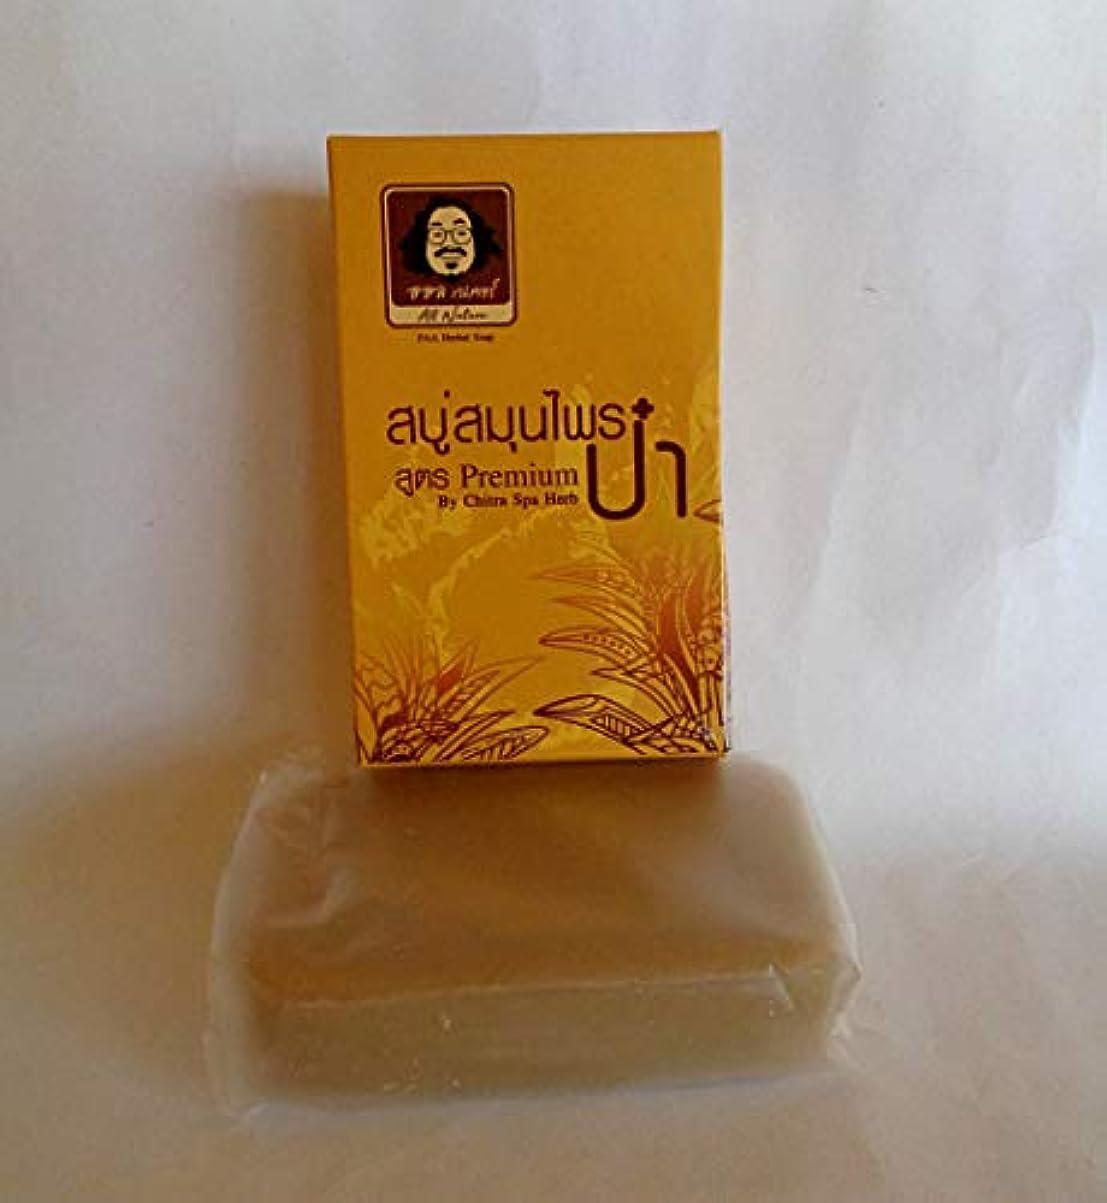 薄汚いフルーツ野菜会話Paa Herbal soap all nature chemical free Premium Fomula ハーバルソープオールケミカルフリープレミアムフォーミュラ 100 g.